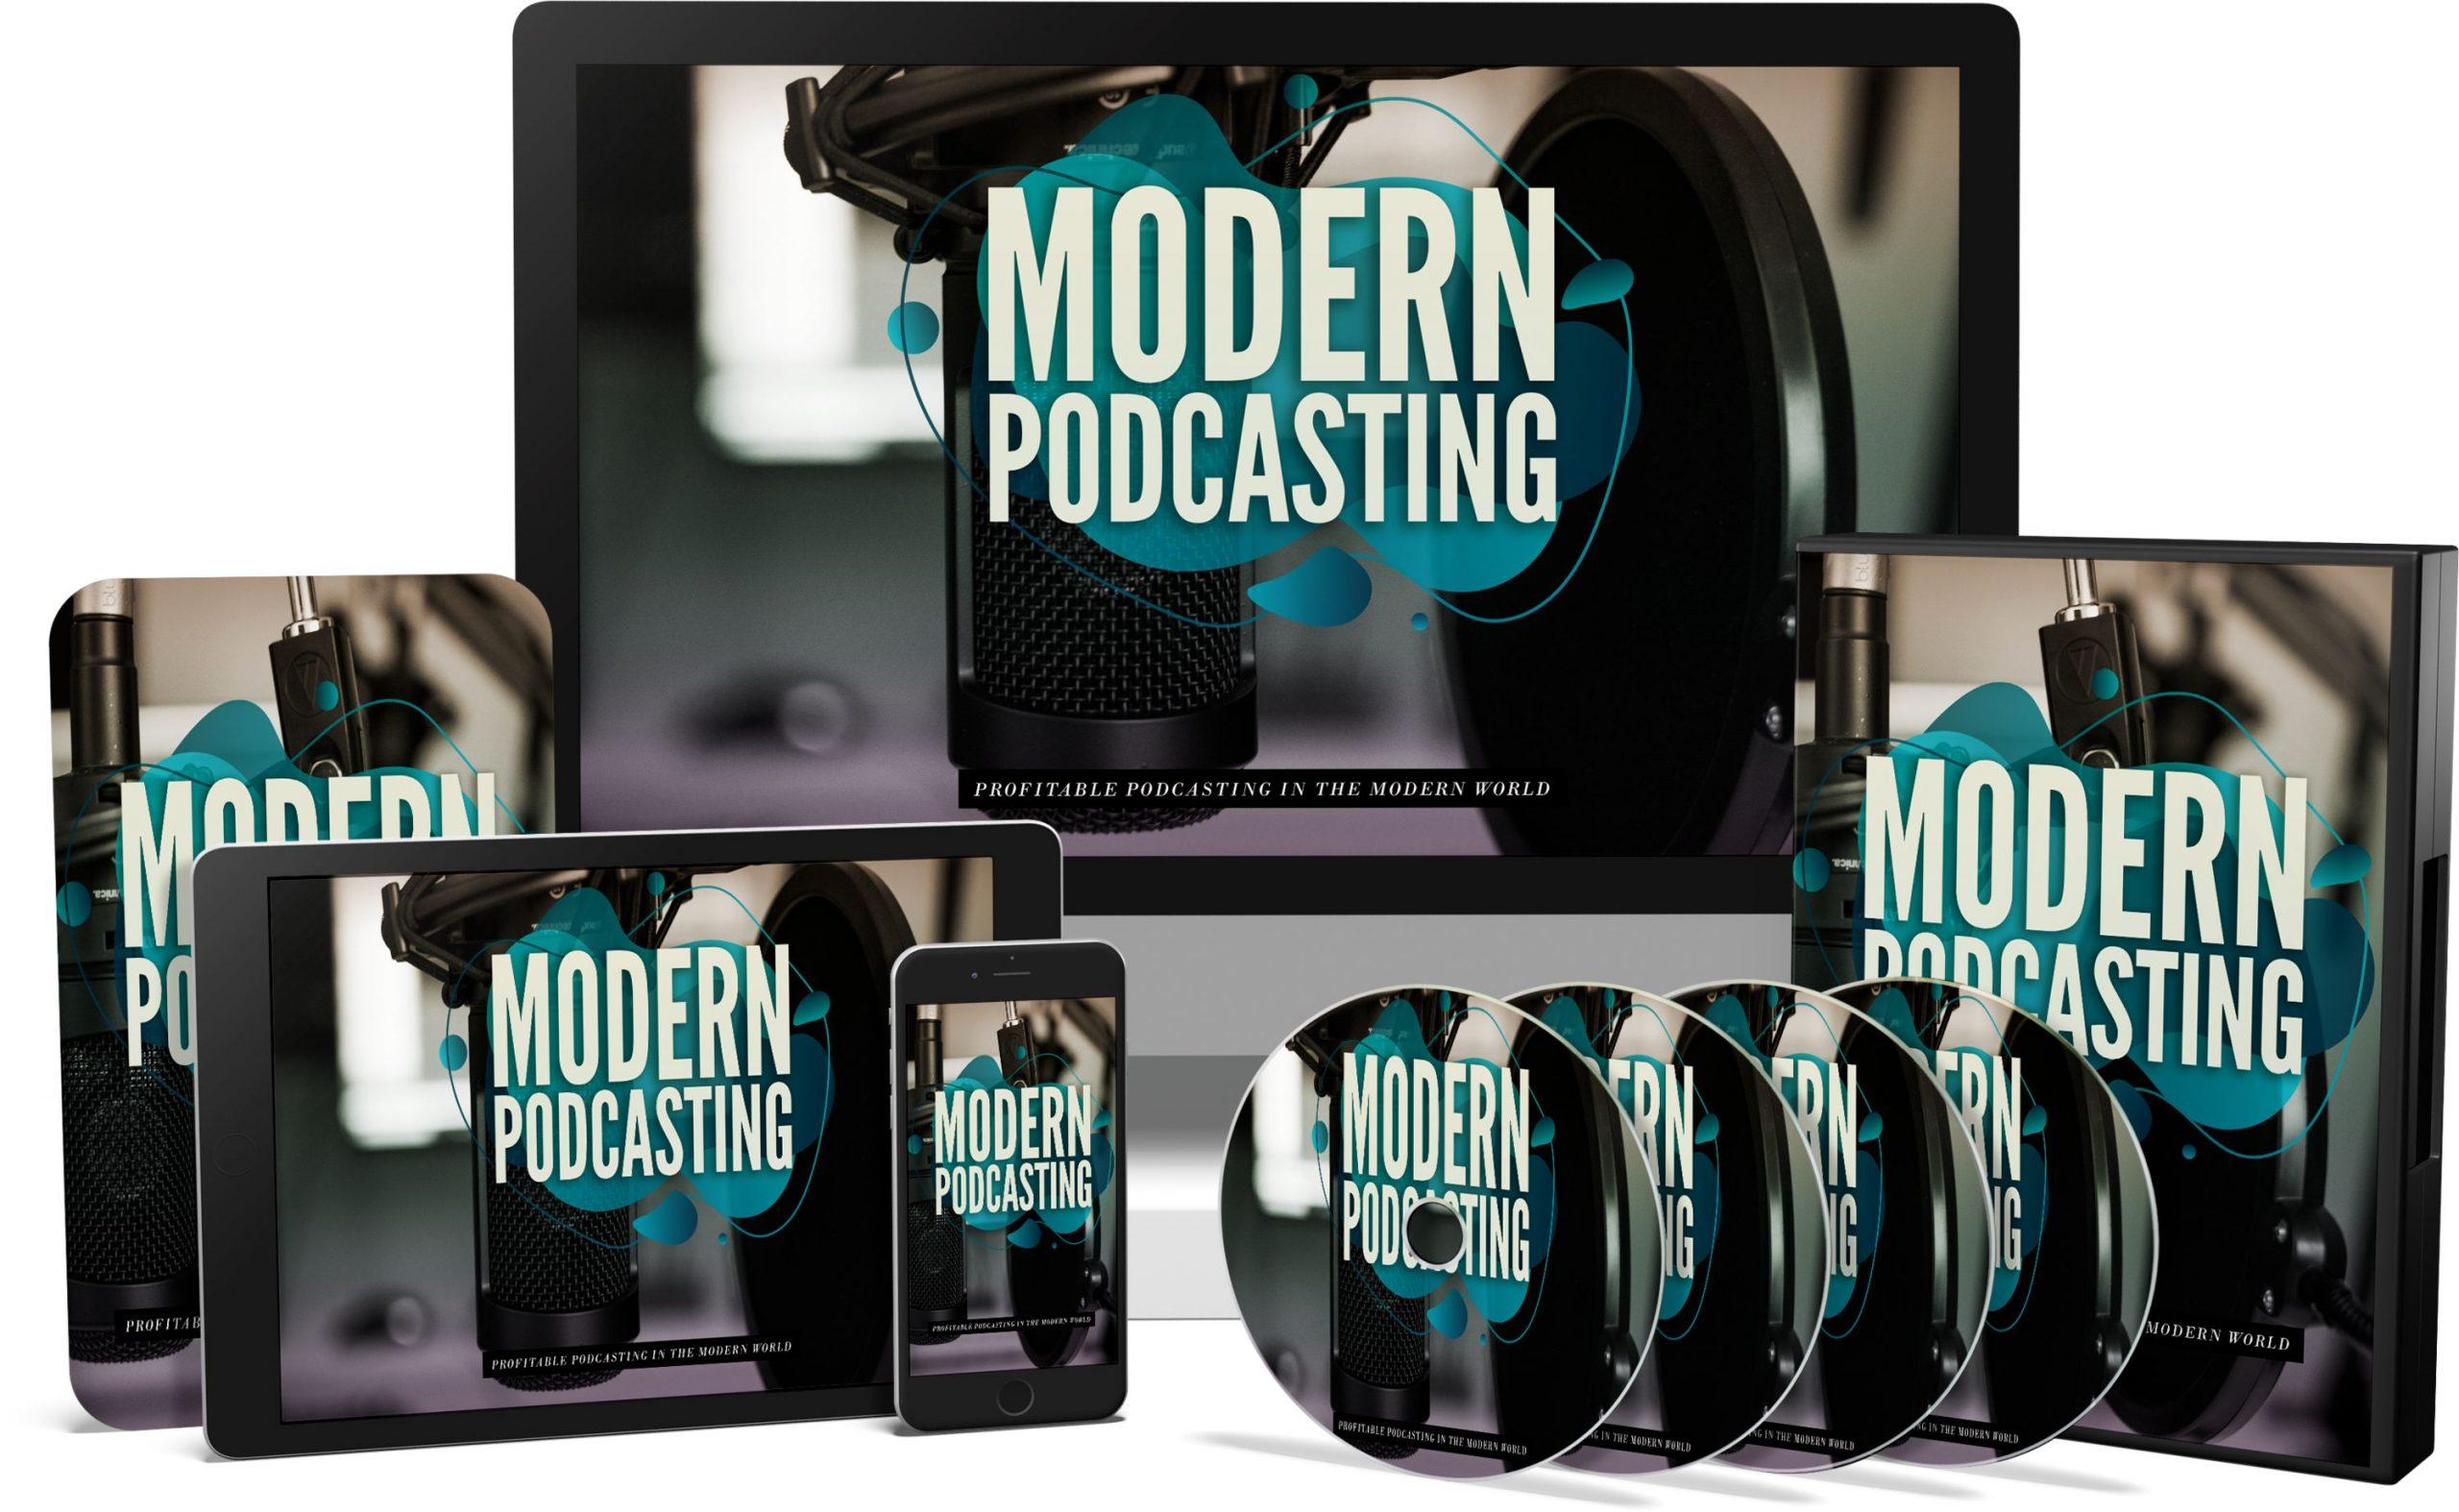 Modern-Podcasting-PLR-Review